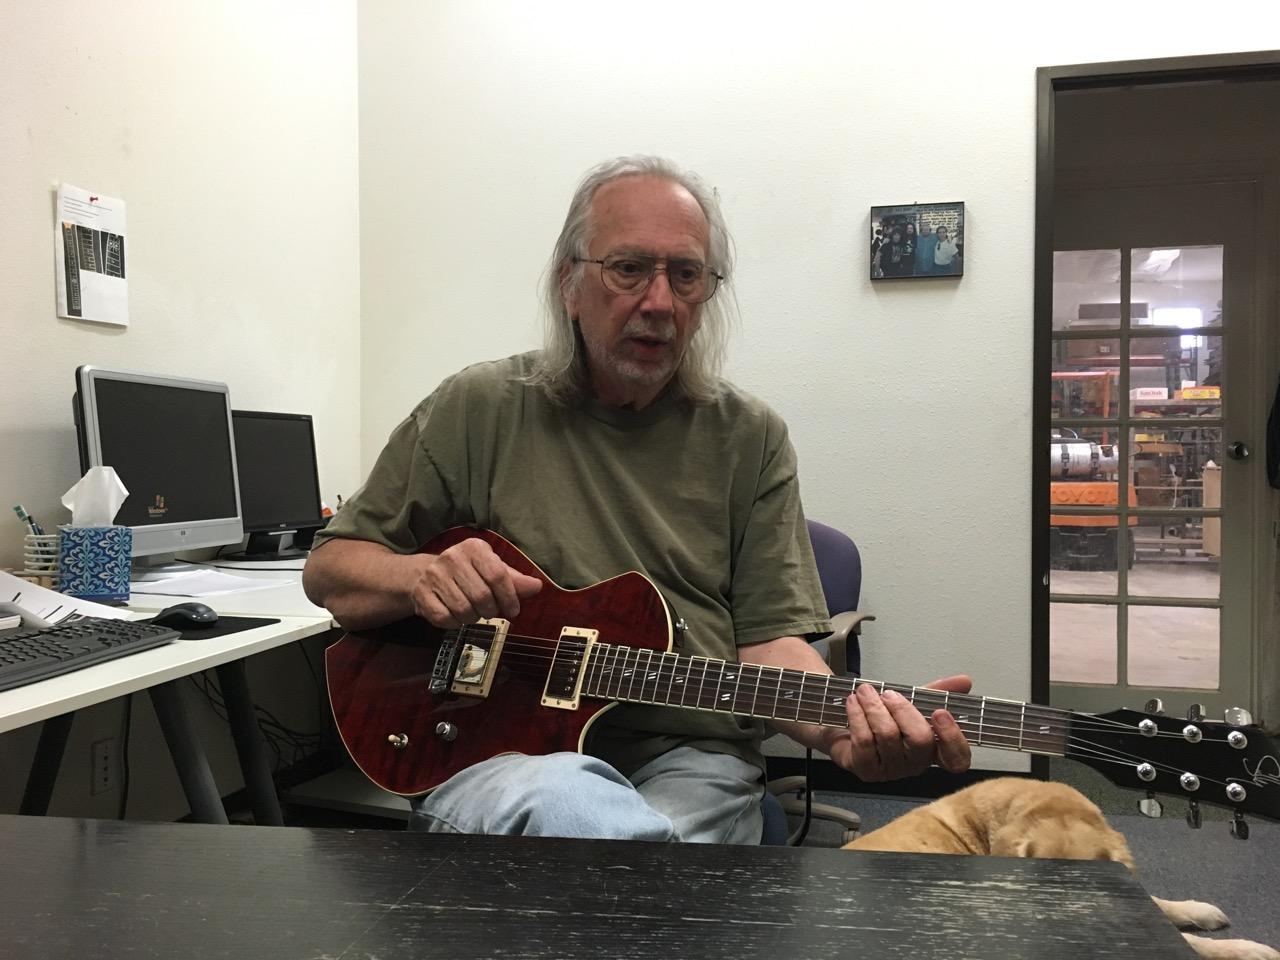 Grover Jackson (obtenido de https://www.sullyguitars.com/news/2016/7/11/sully-guitars-collaboration-with-legendary-grover-jackson)